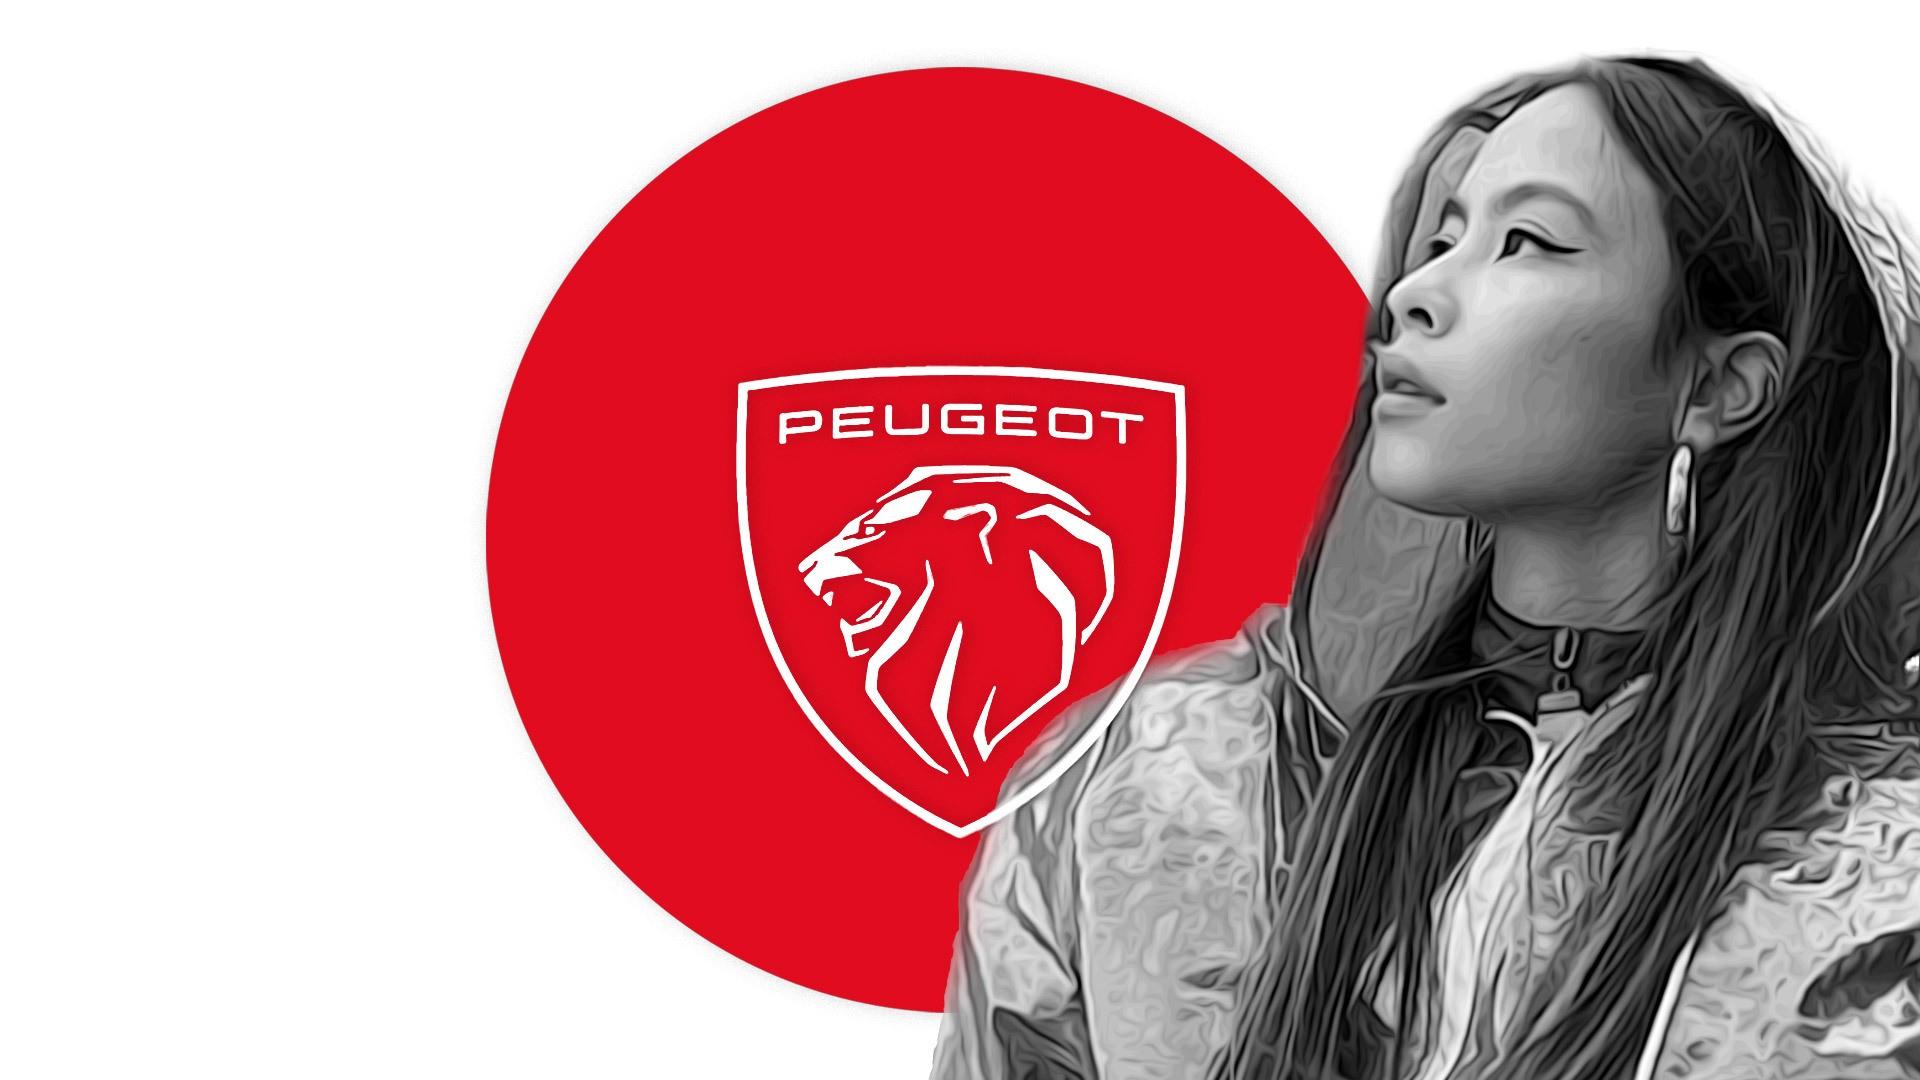 Peugeot svela il dietro le quinte della sua nuova identità brand